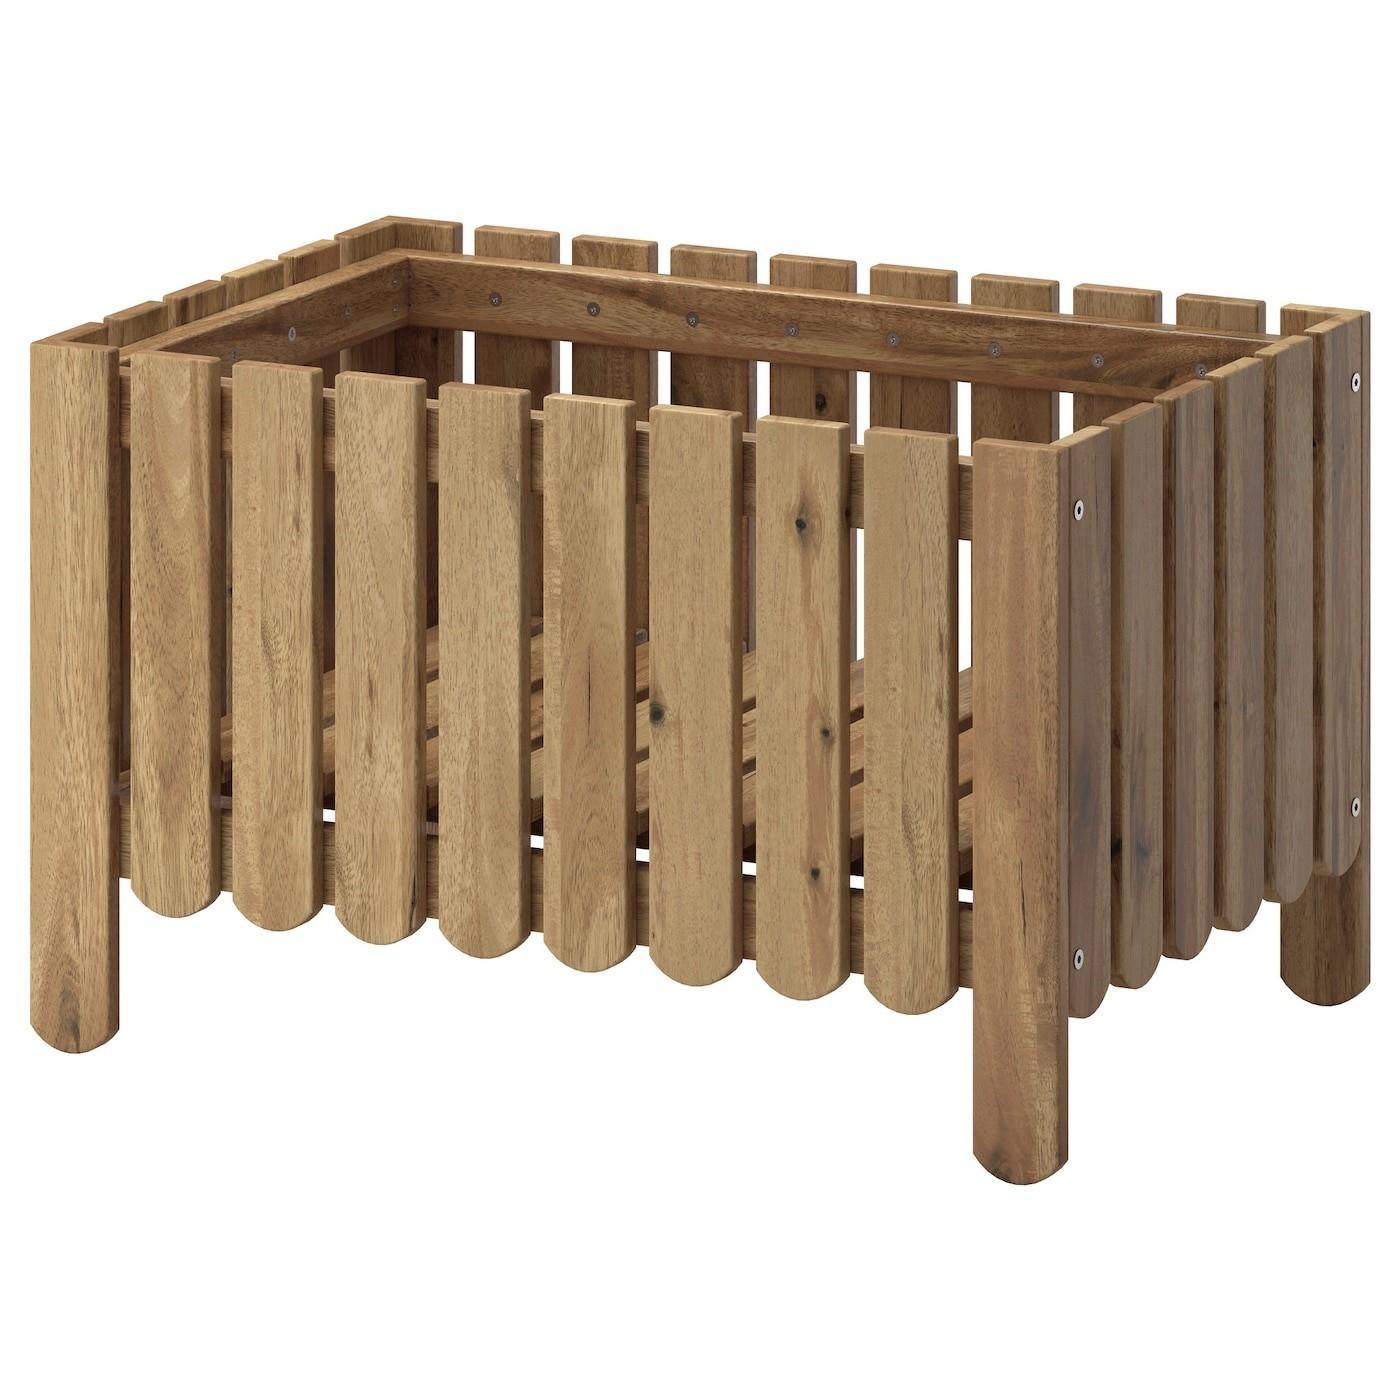 IKEA ASKHOLMEN ящик для цветов светло-коричневая морилка 39x38 см 30258673